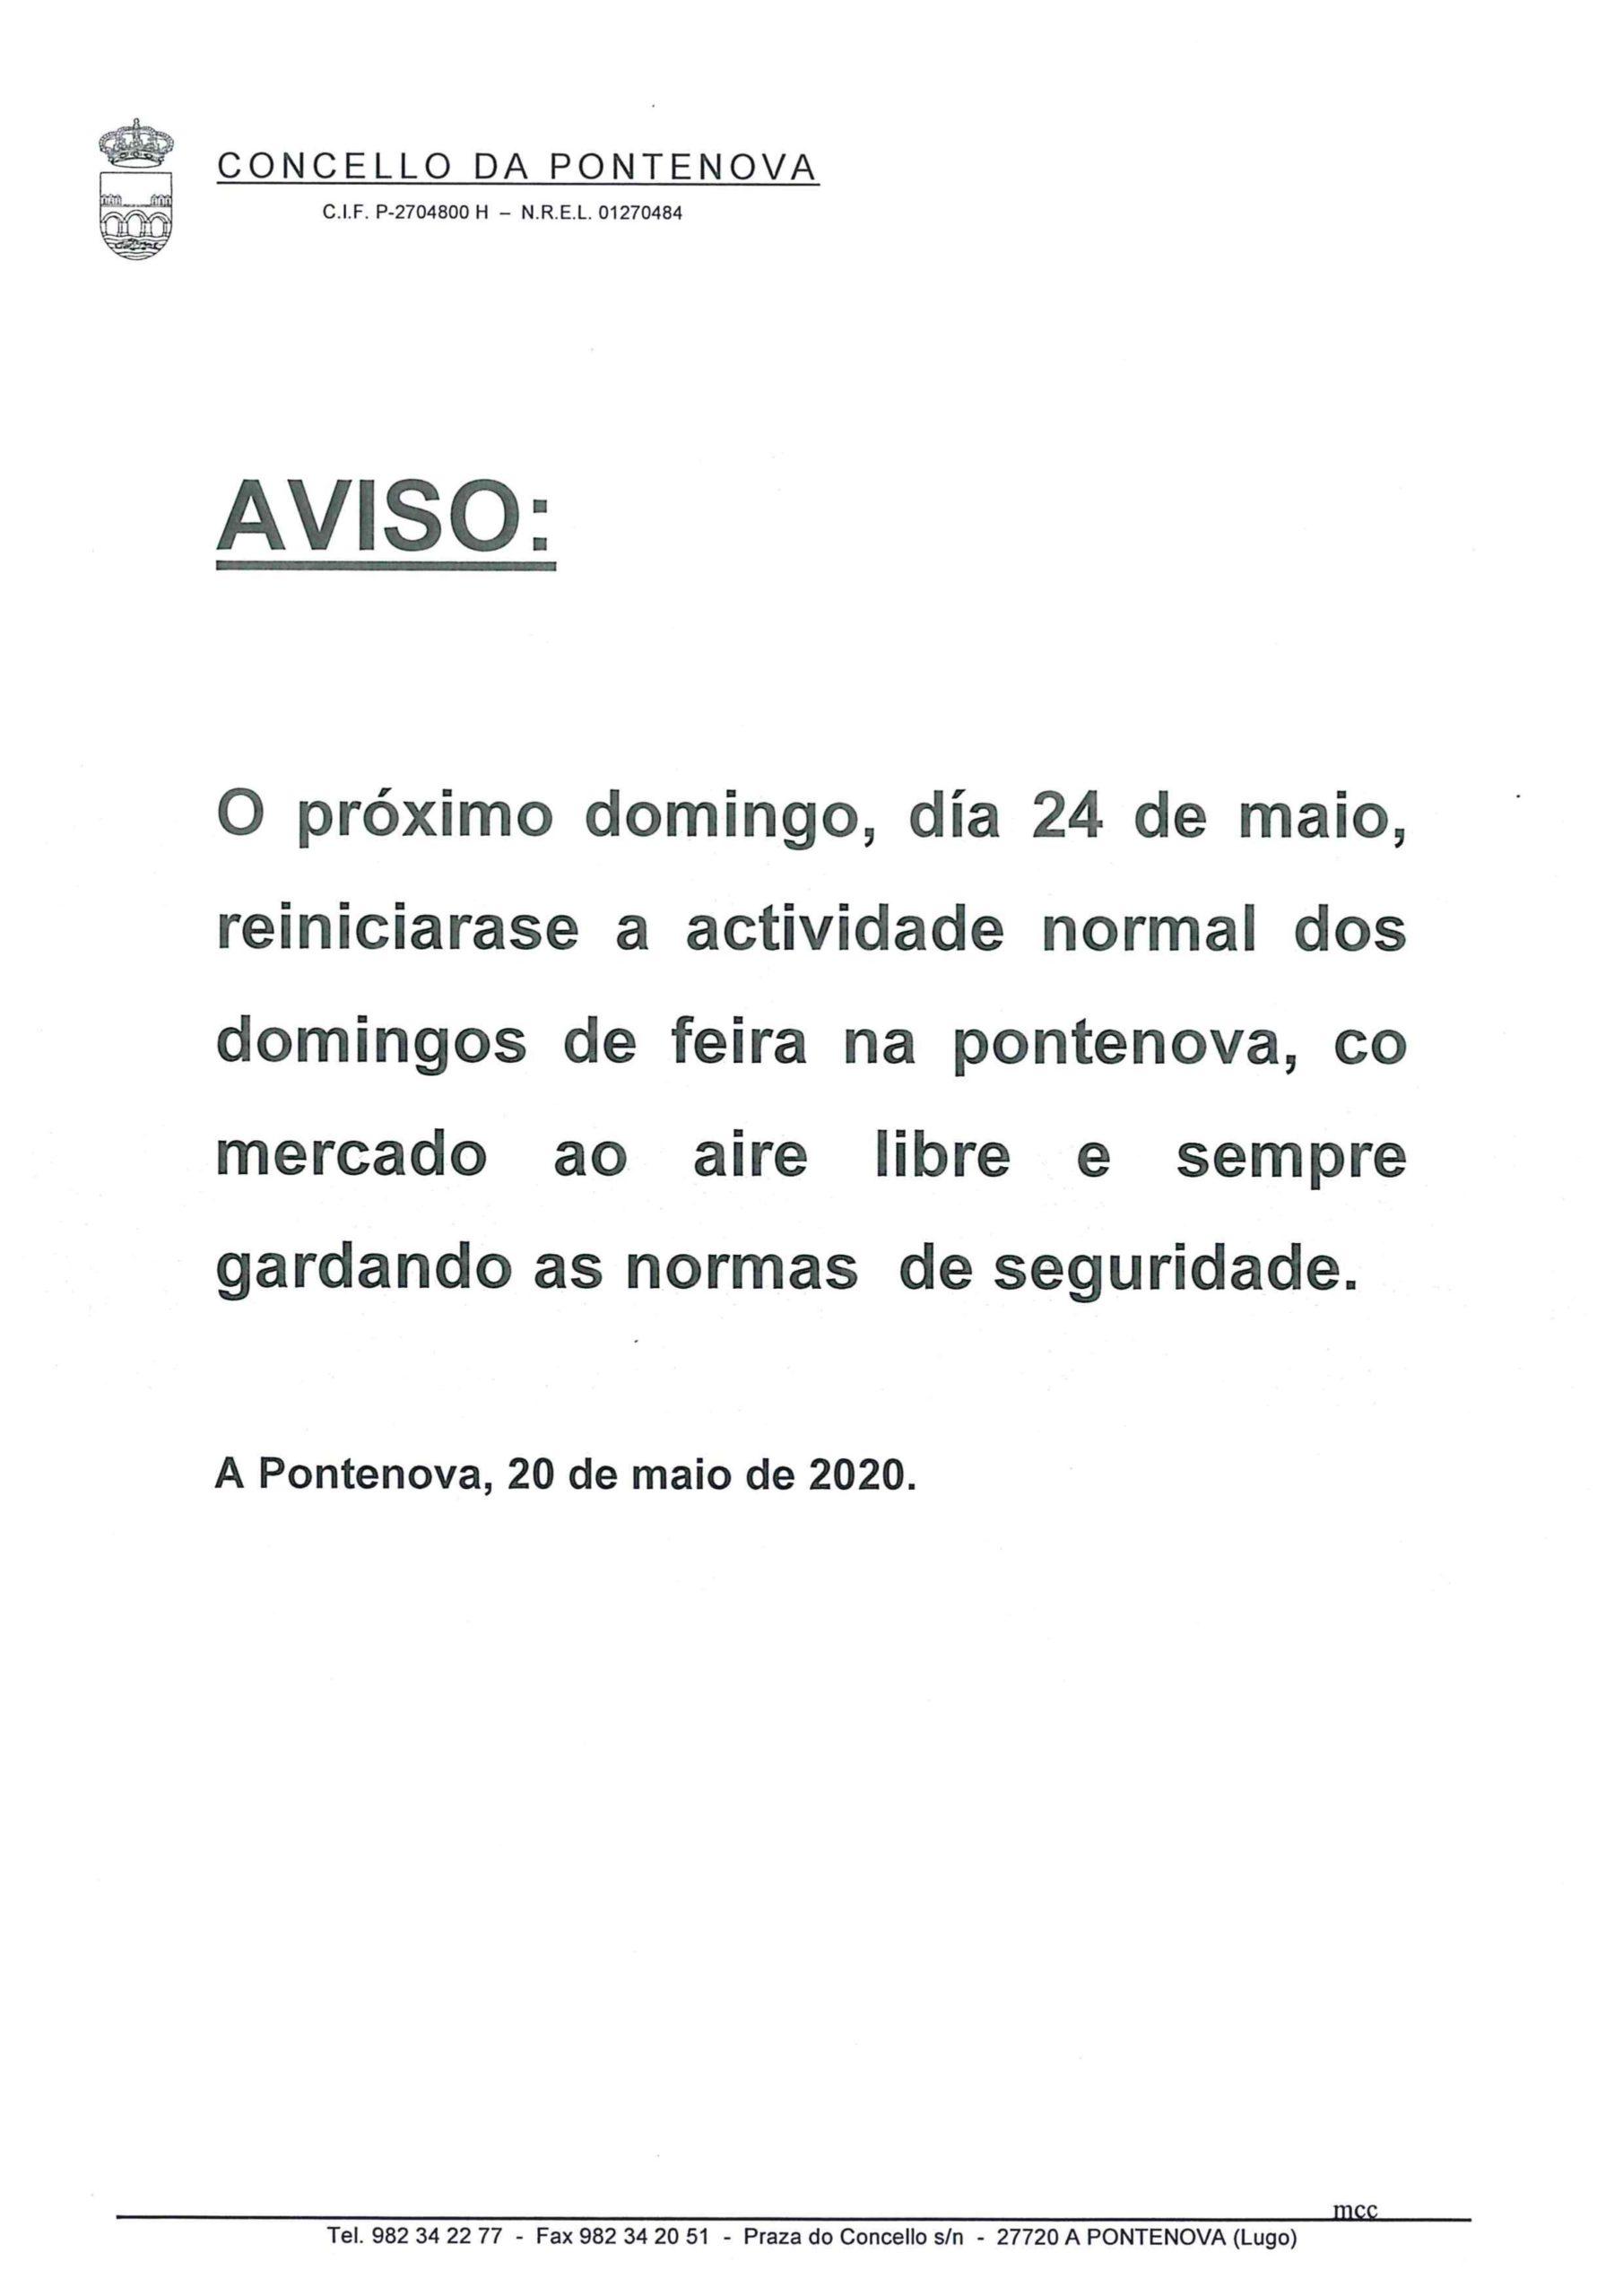 REINICIO DA ACTIVIDADE NORMAL OS DOMINGOS DE FEIRA